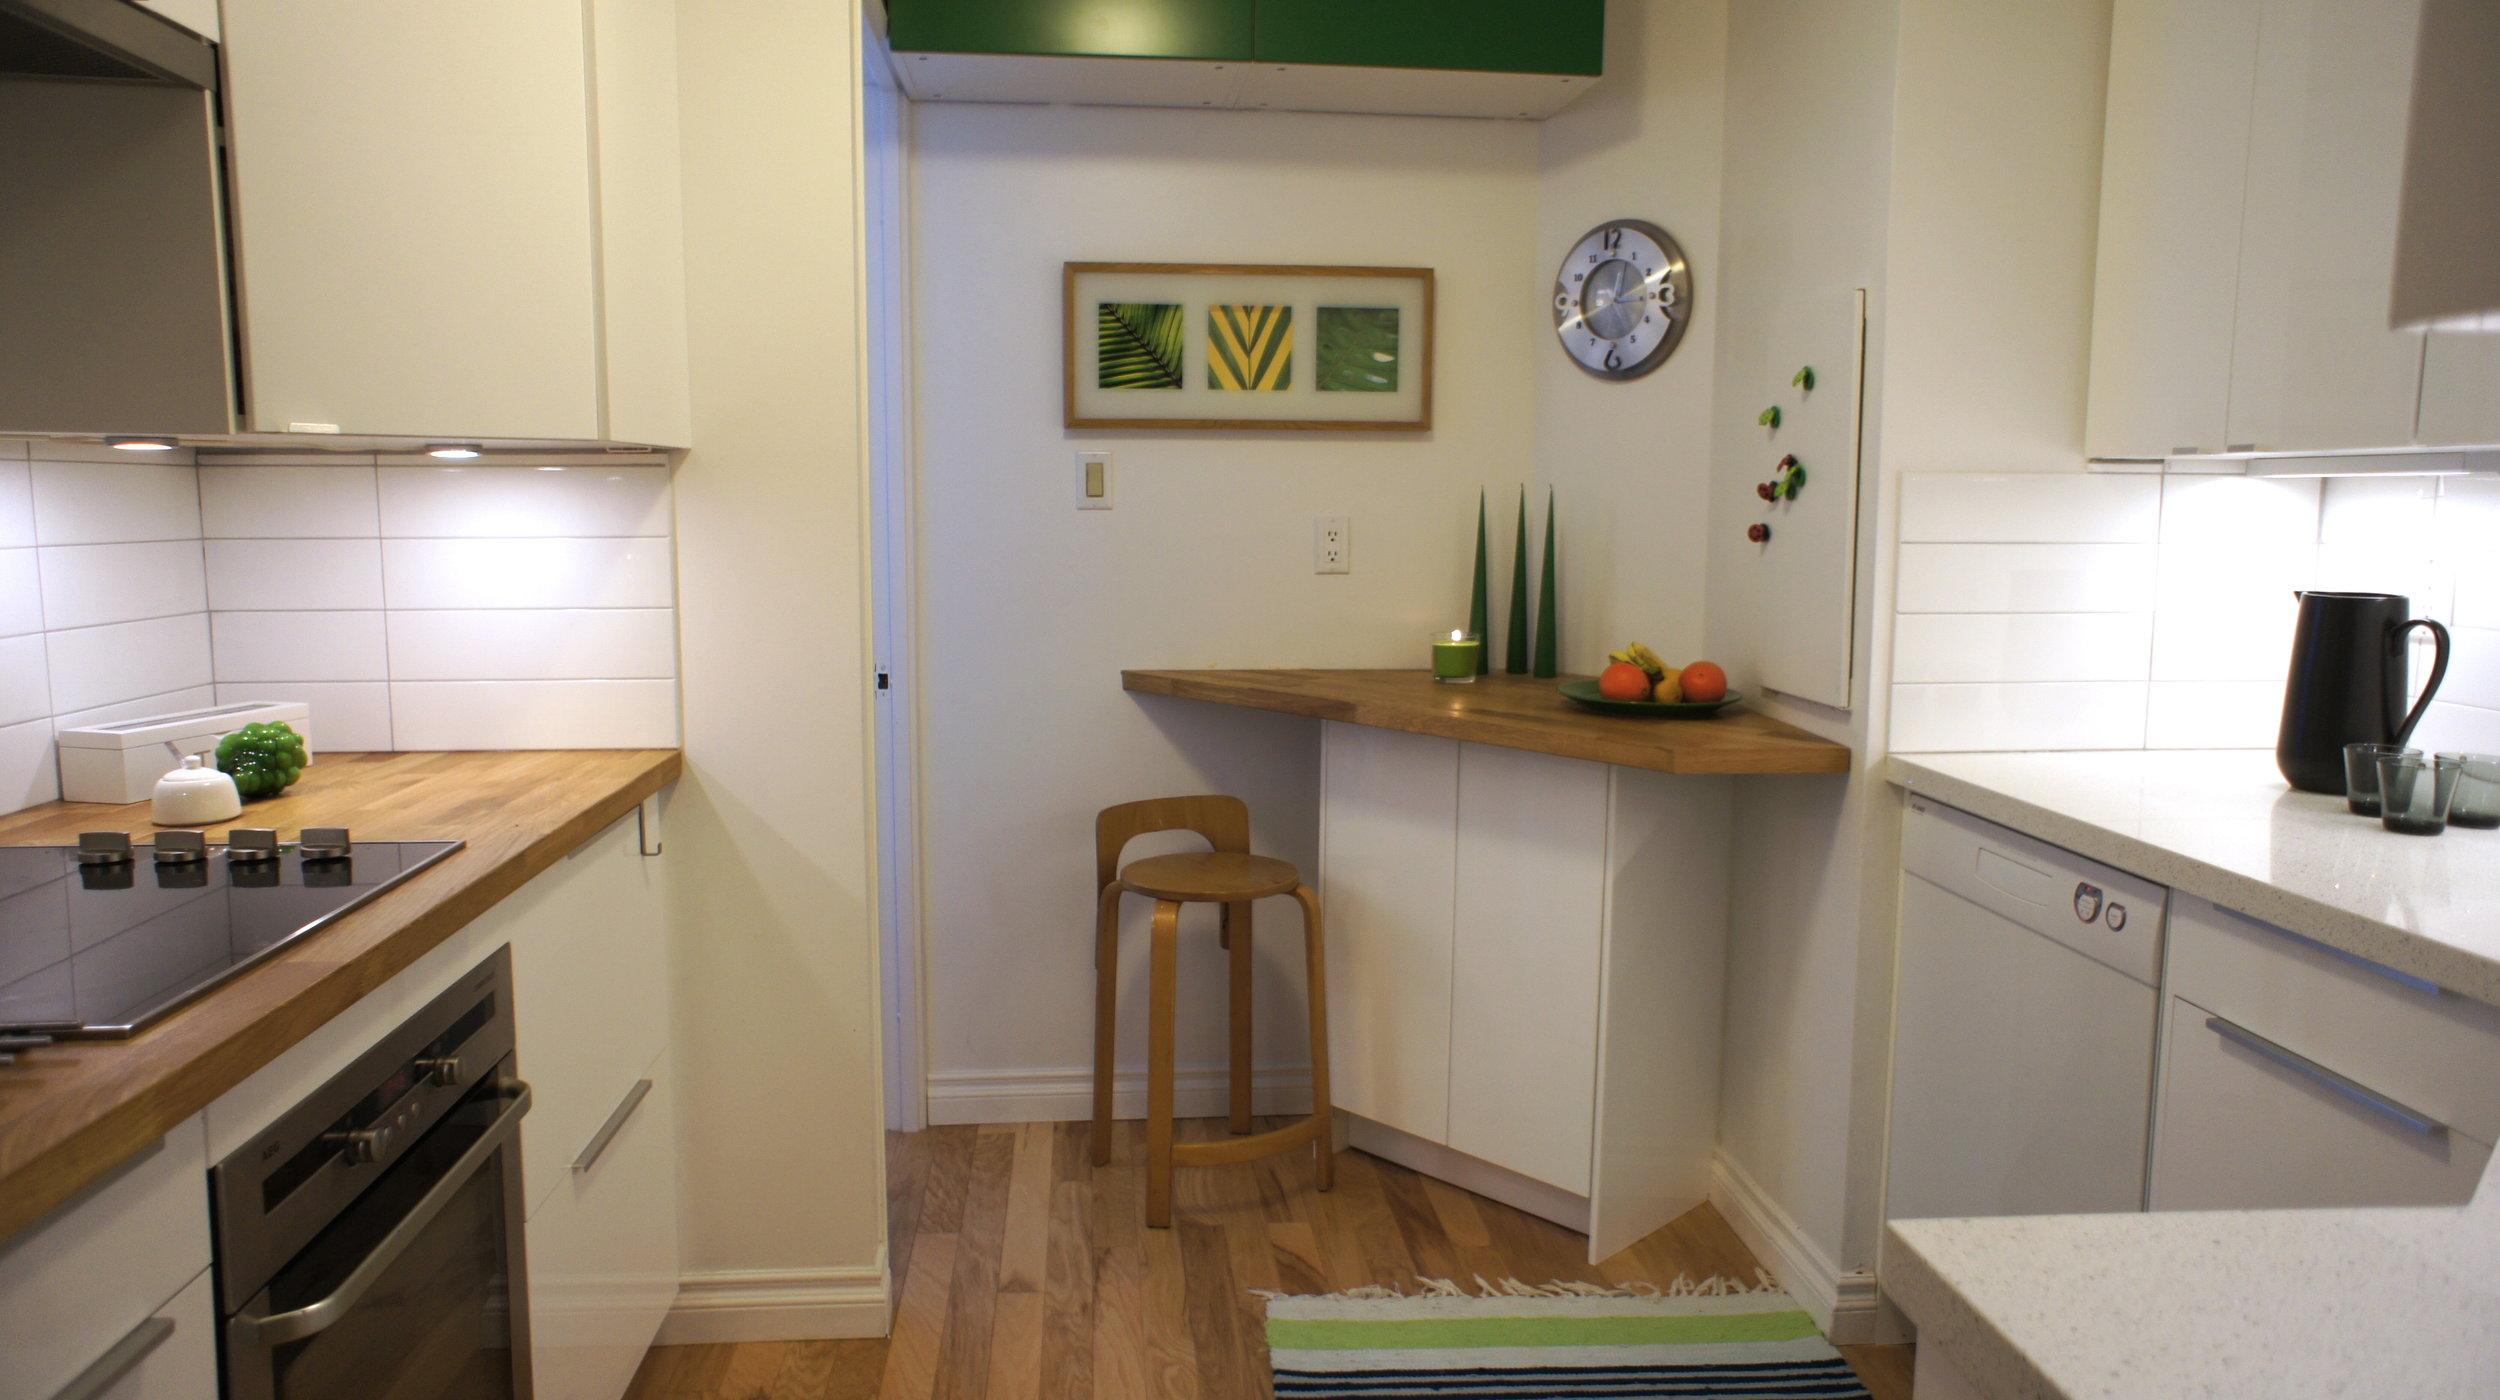 condo kitchen space.jpg